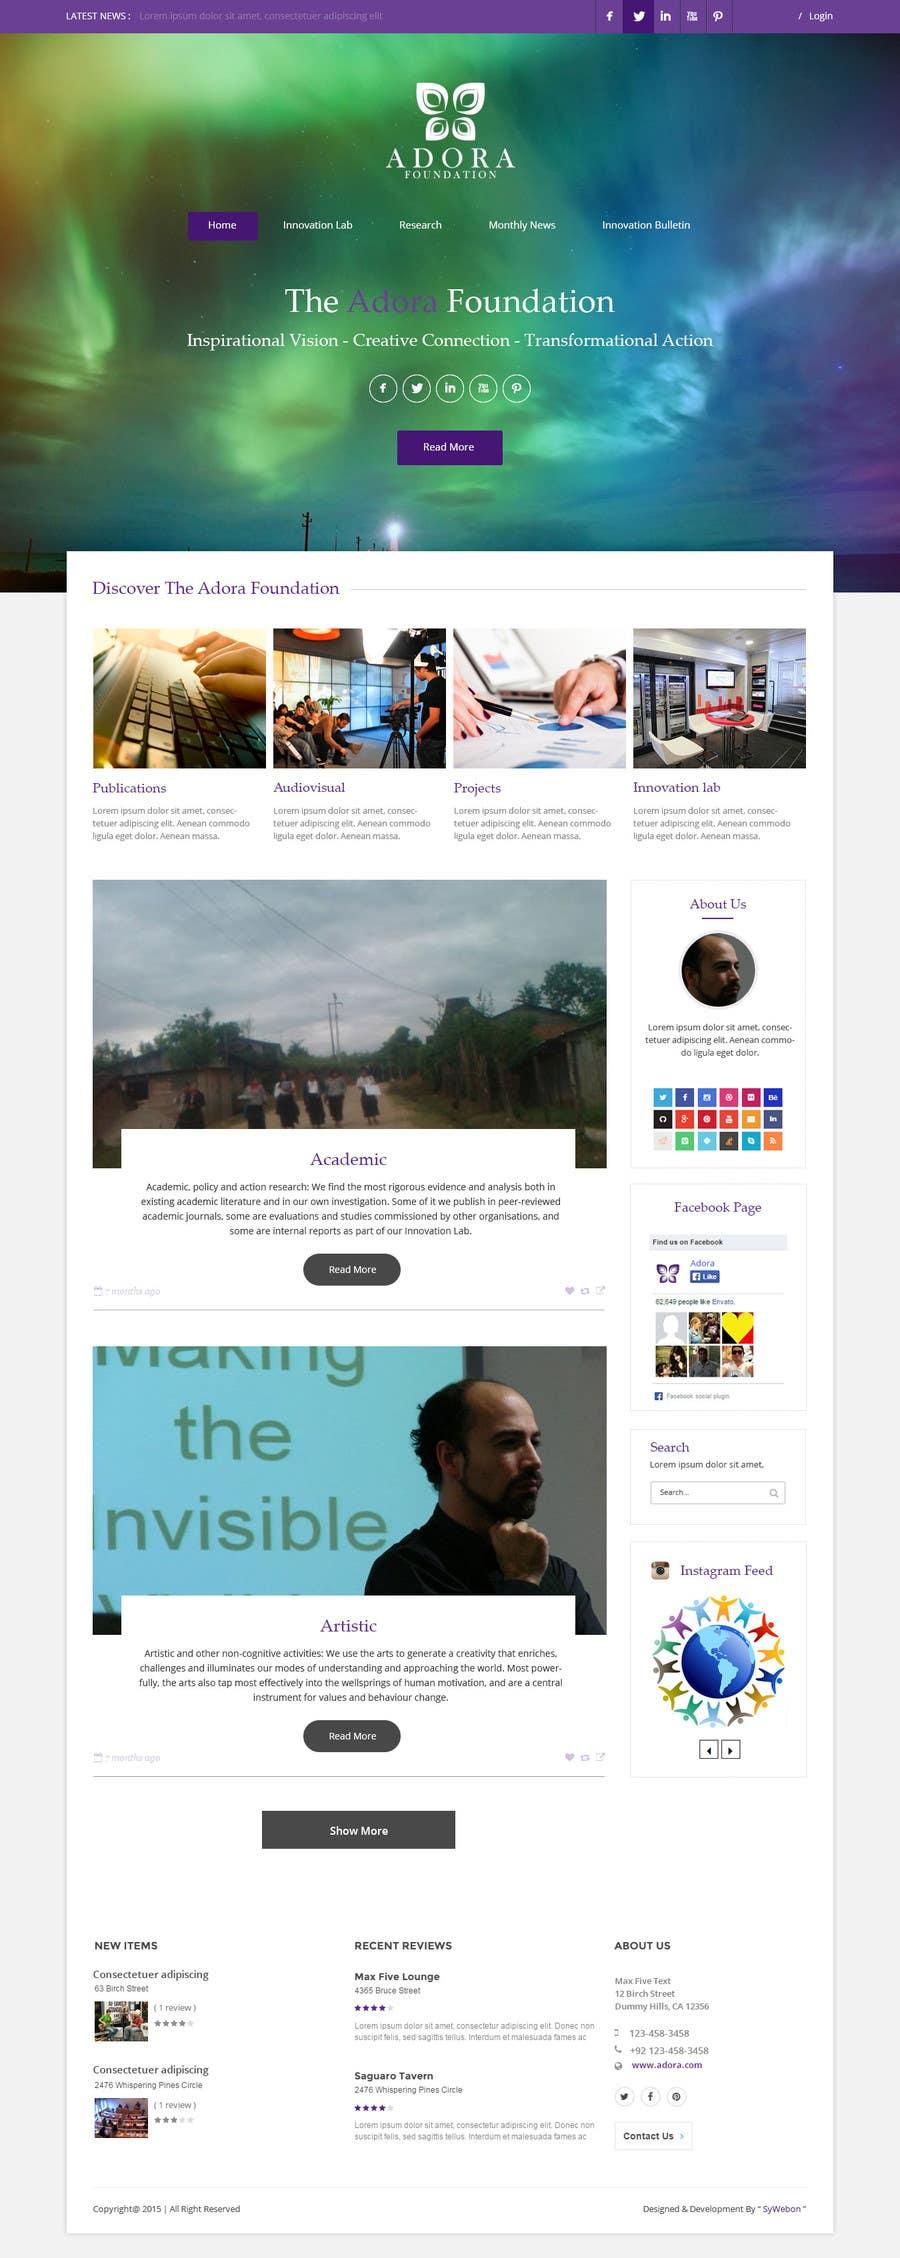 Konkurrenceindlæg #25 for Design a Website Mockup for international NGO